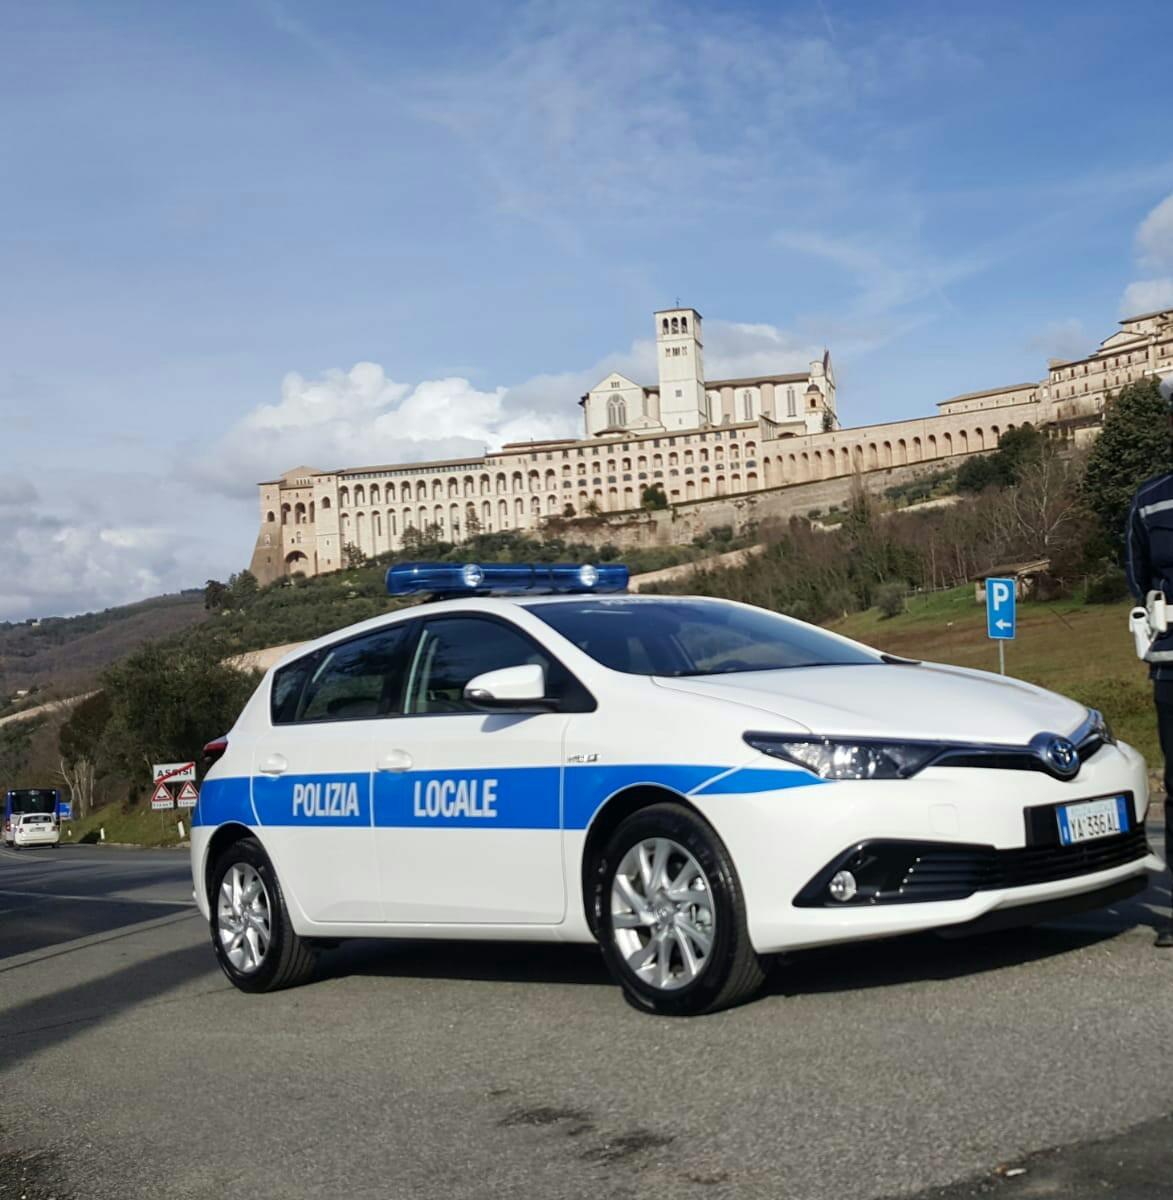 Zona a traffico limitato ad Assisi, chiusa dalle 10 alle 20, nuove regole per la Ztl